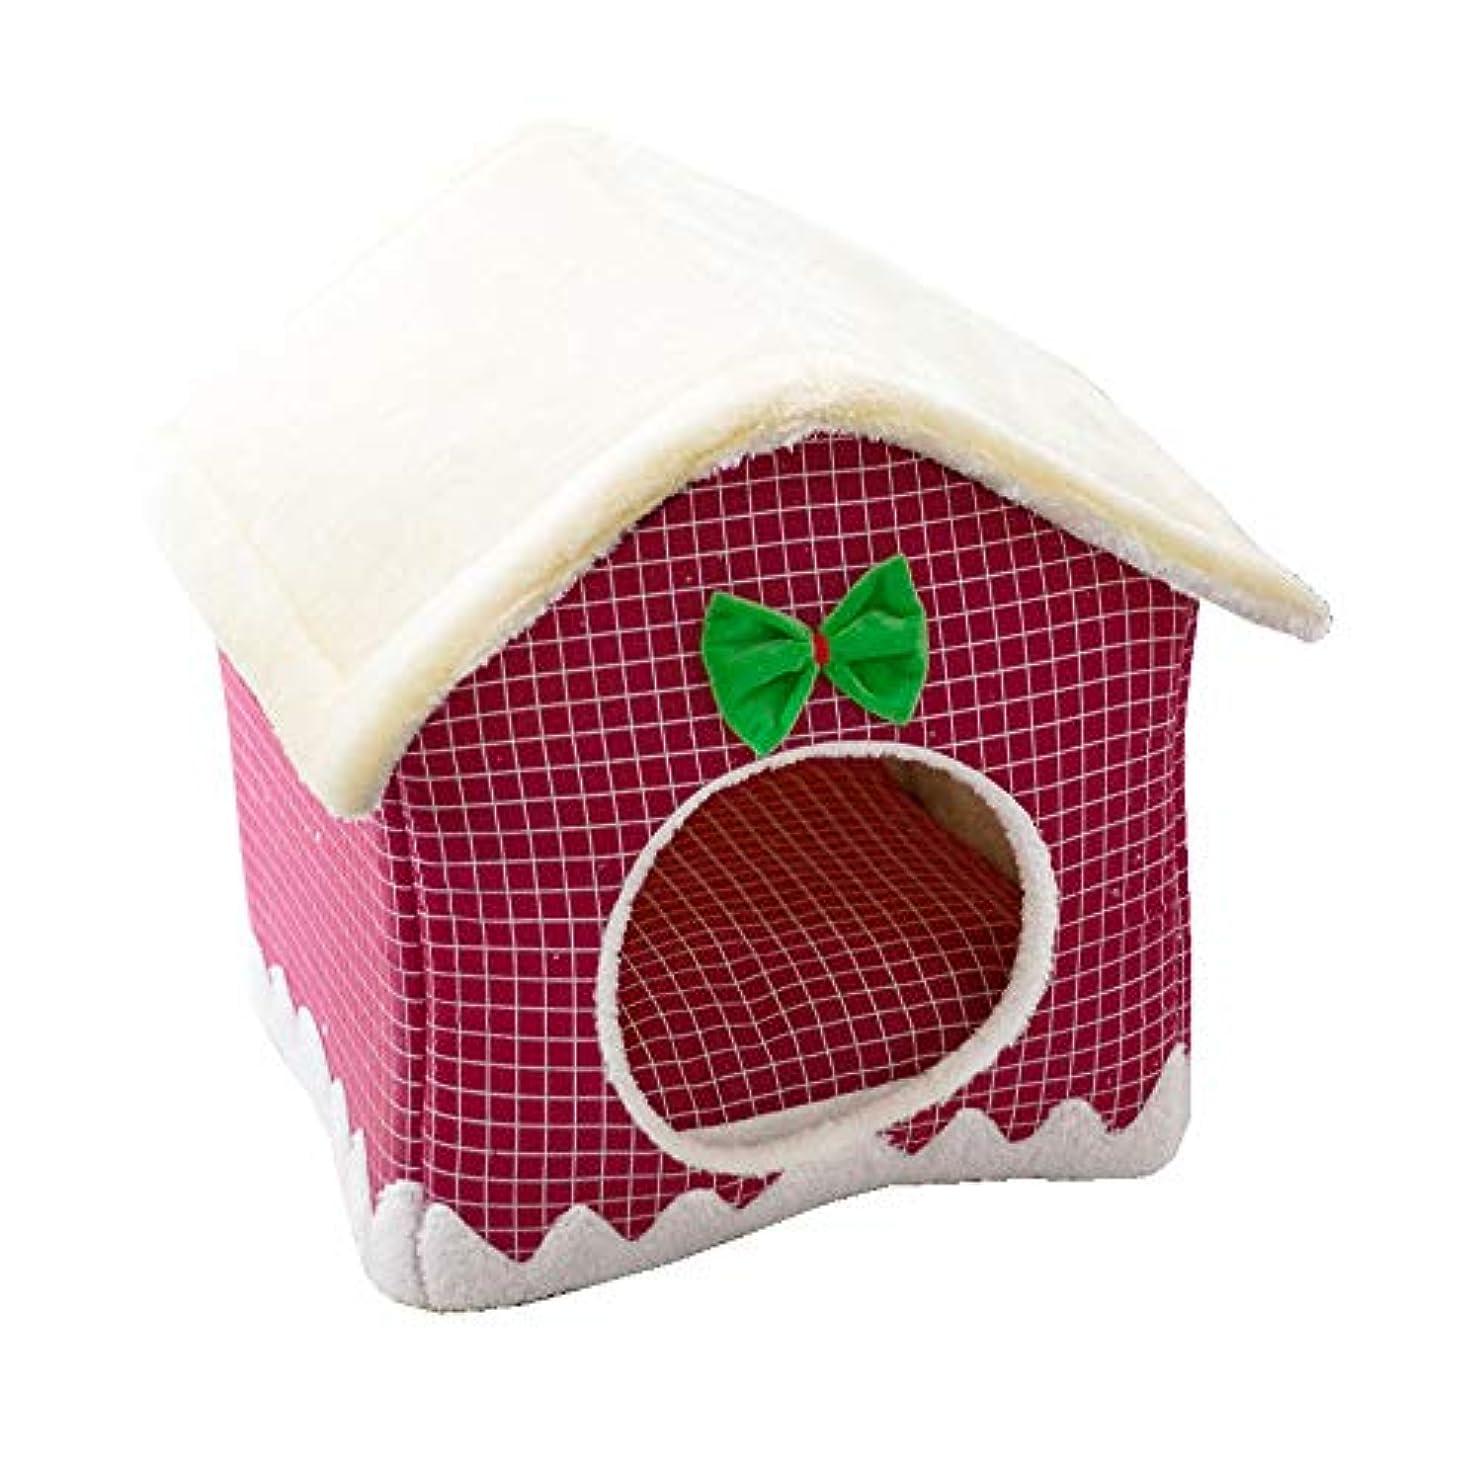 銀行起こるエスニック猫のベッド、クリスマスの犬のベッドペットベッド、さまざまなスタイル、クリスマス帽子スリッパエルクケーキギフトボックス,Style7